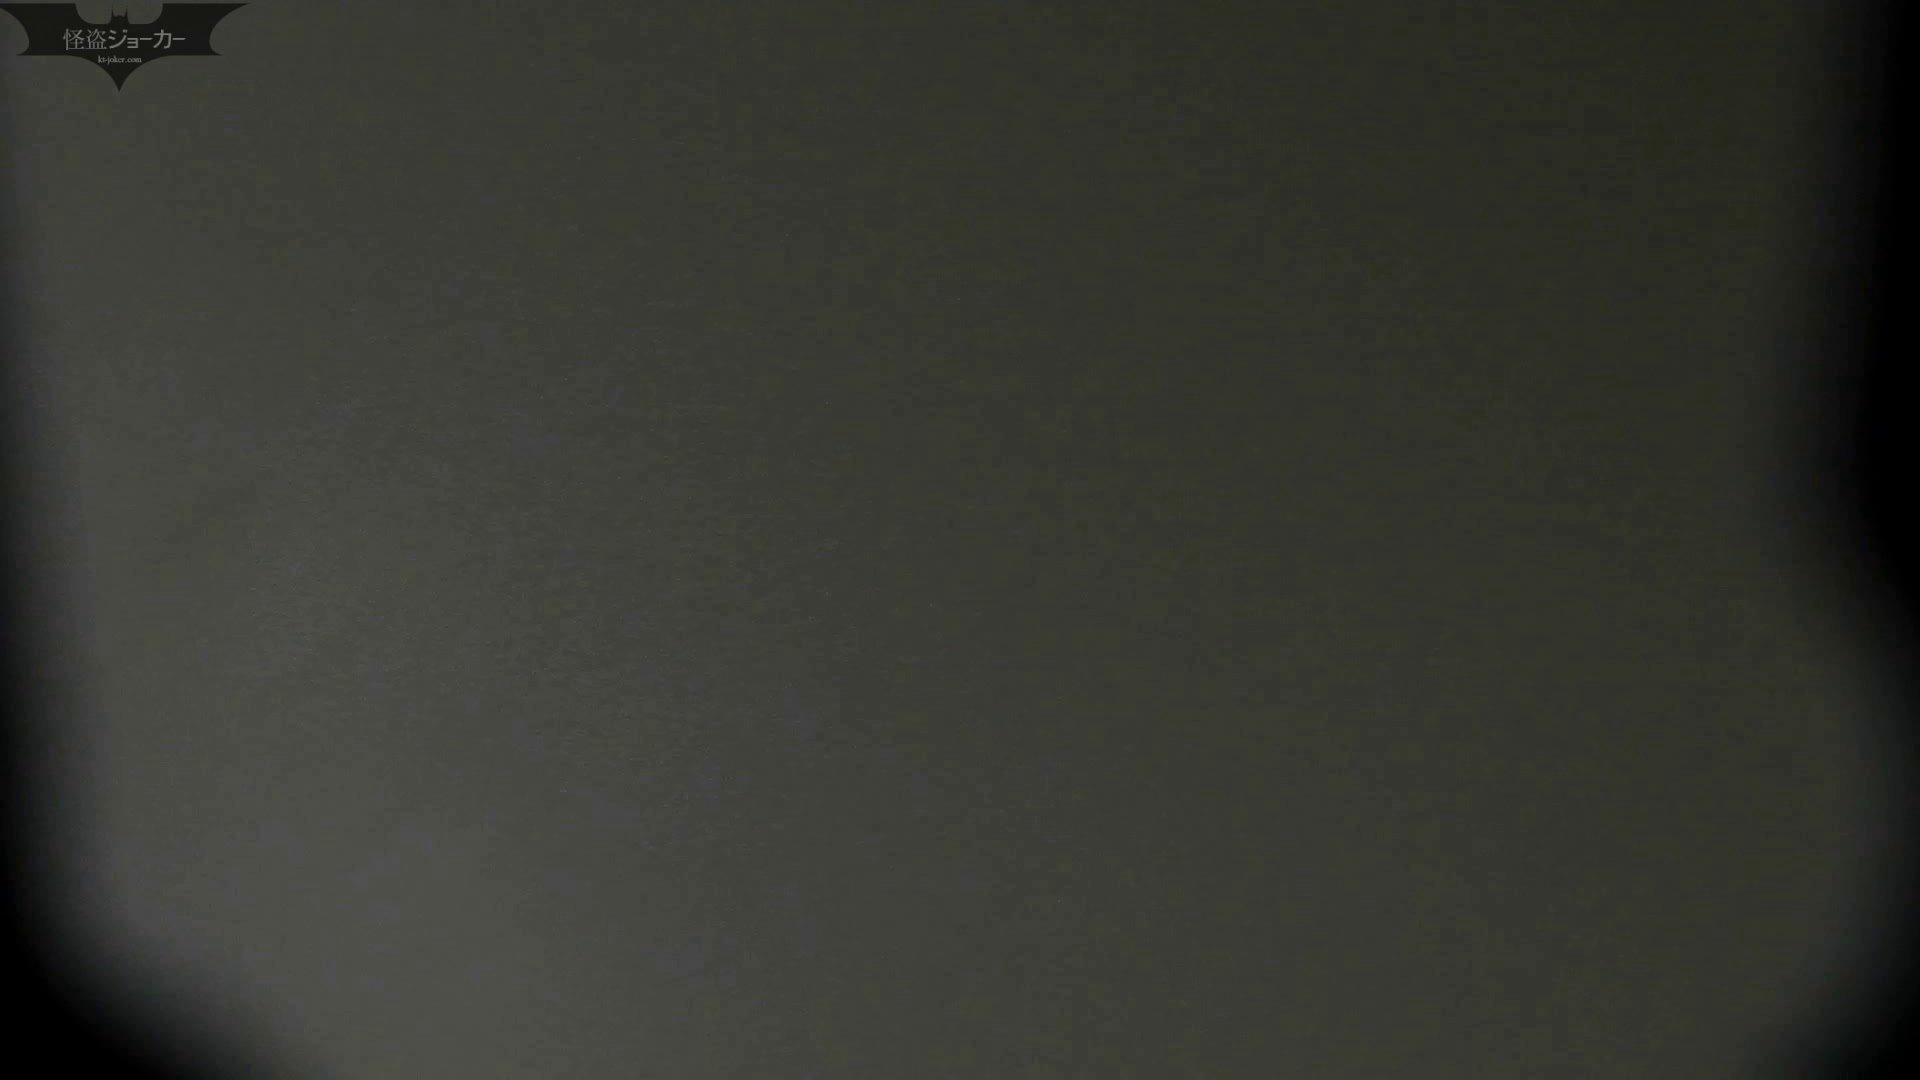 【美しき個室な世界】洗面所特攻隊 vol.046 更に進化【2015・07位】 高評価  91画像 48